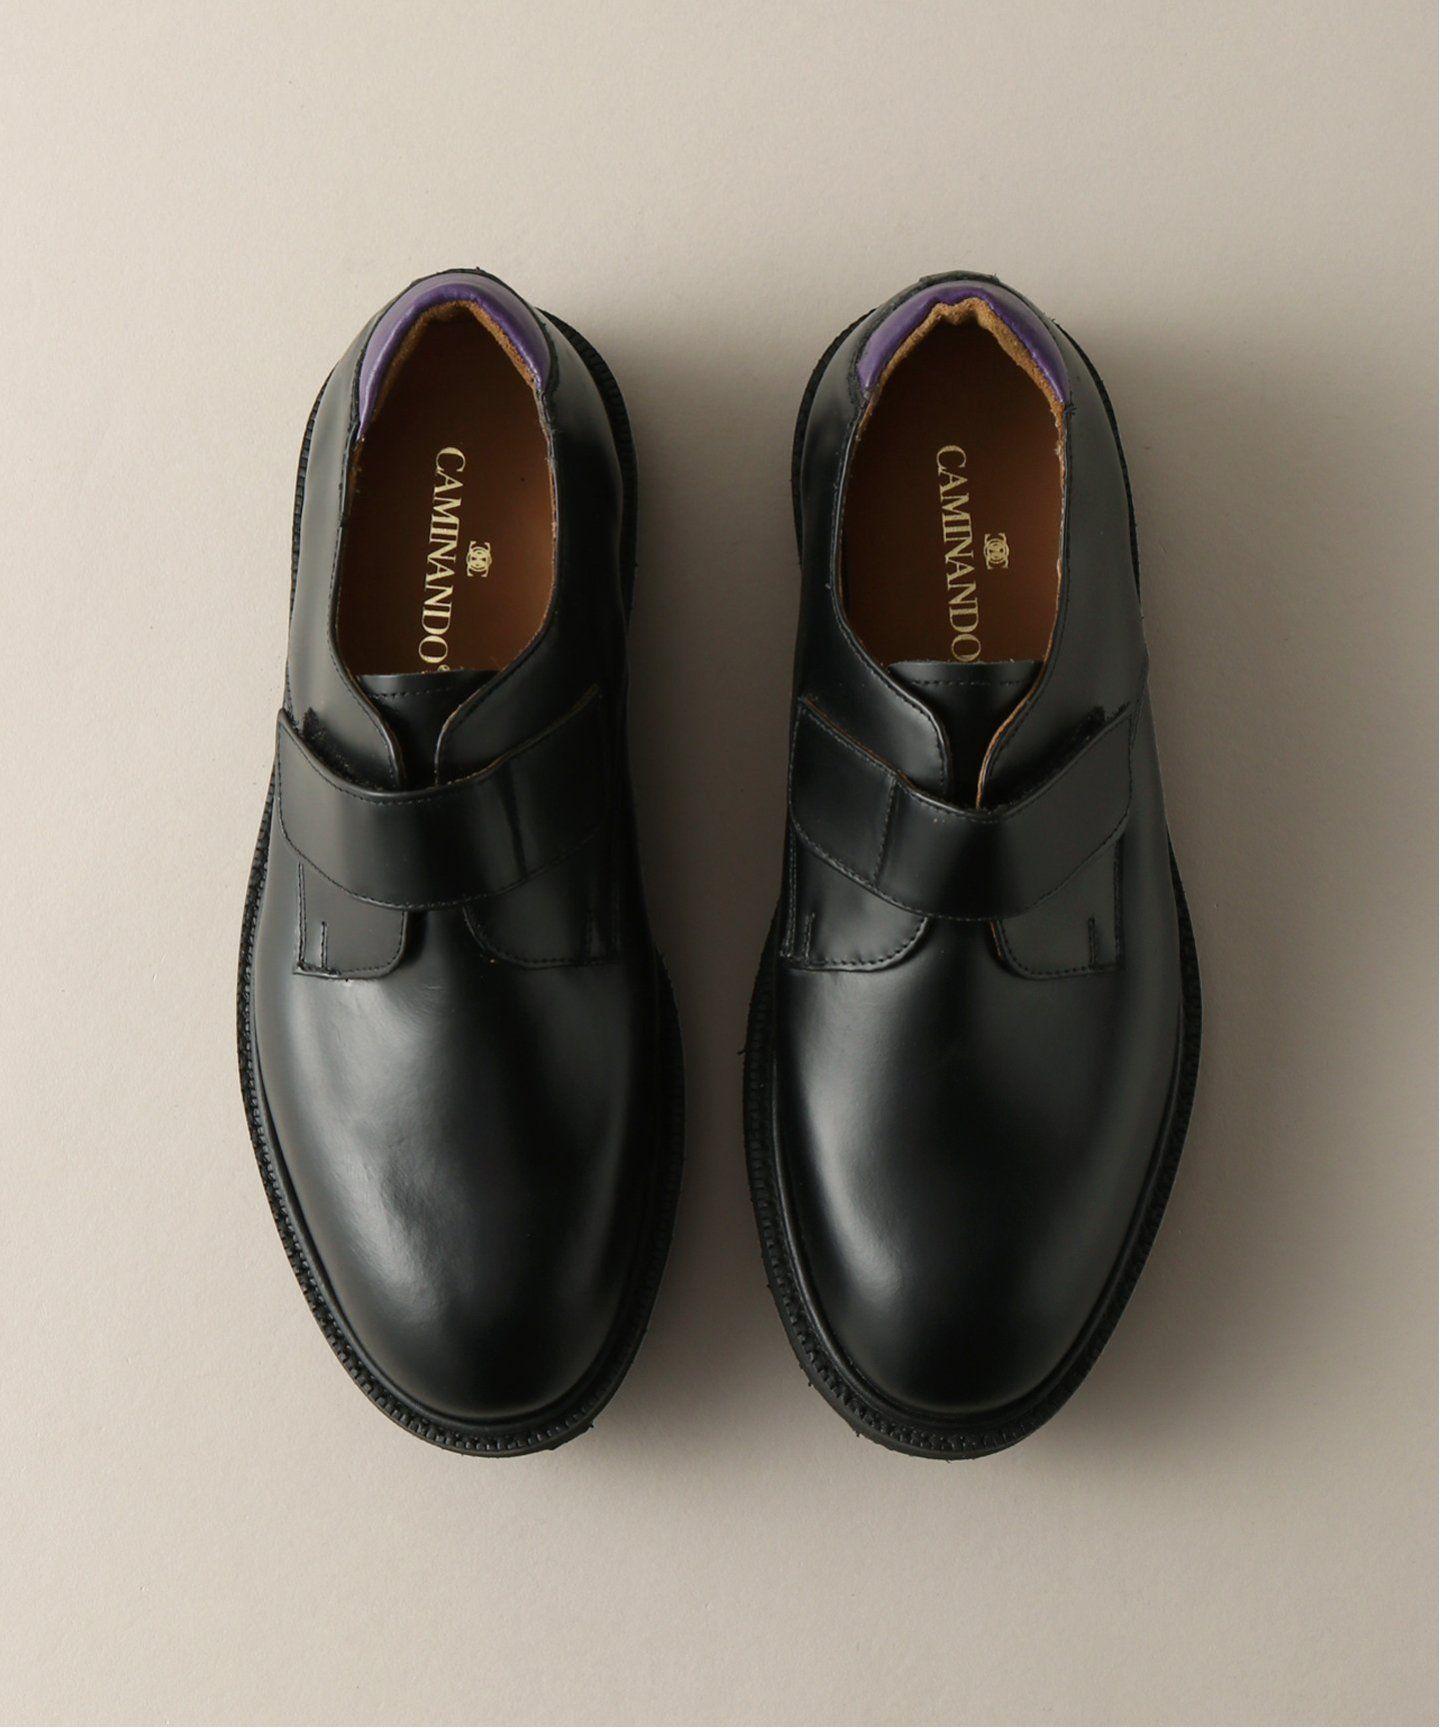 939 mejores imágenes de Shoes en 2020 | Zapatos, Moda, Hombres